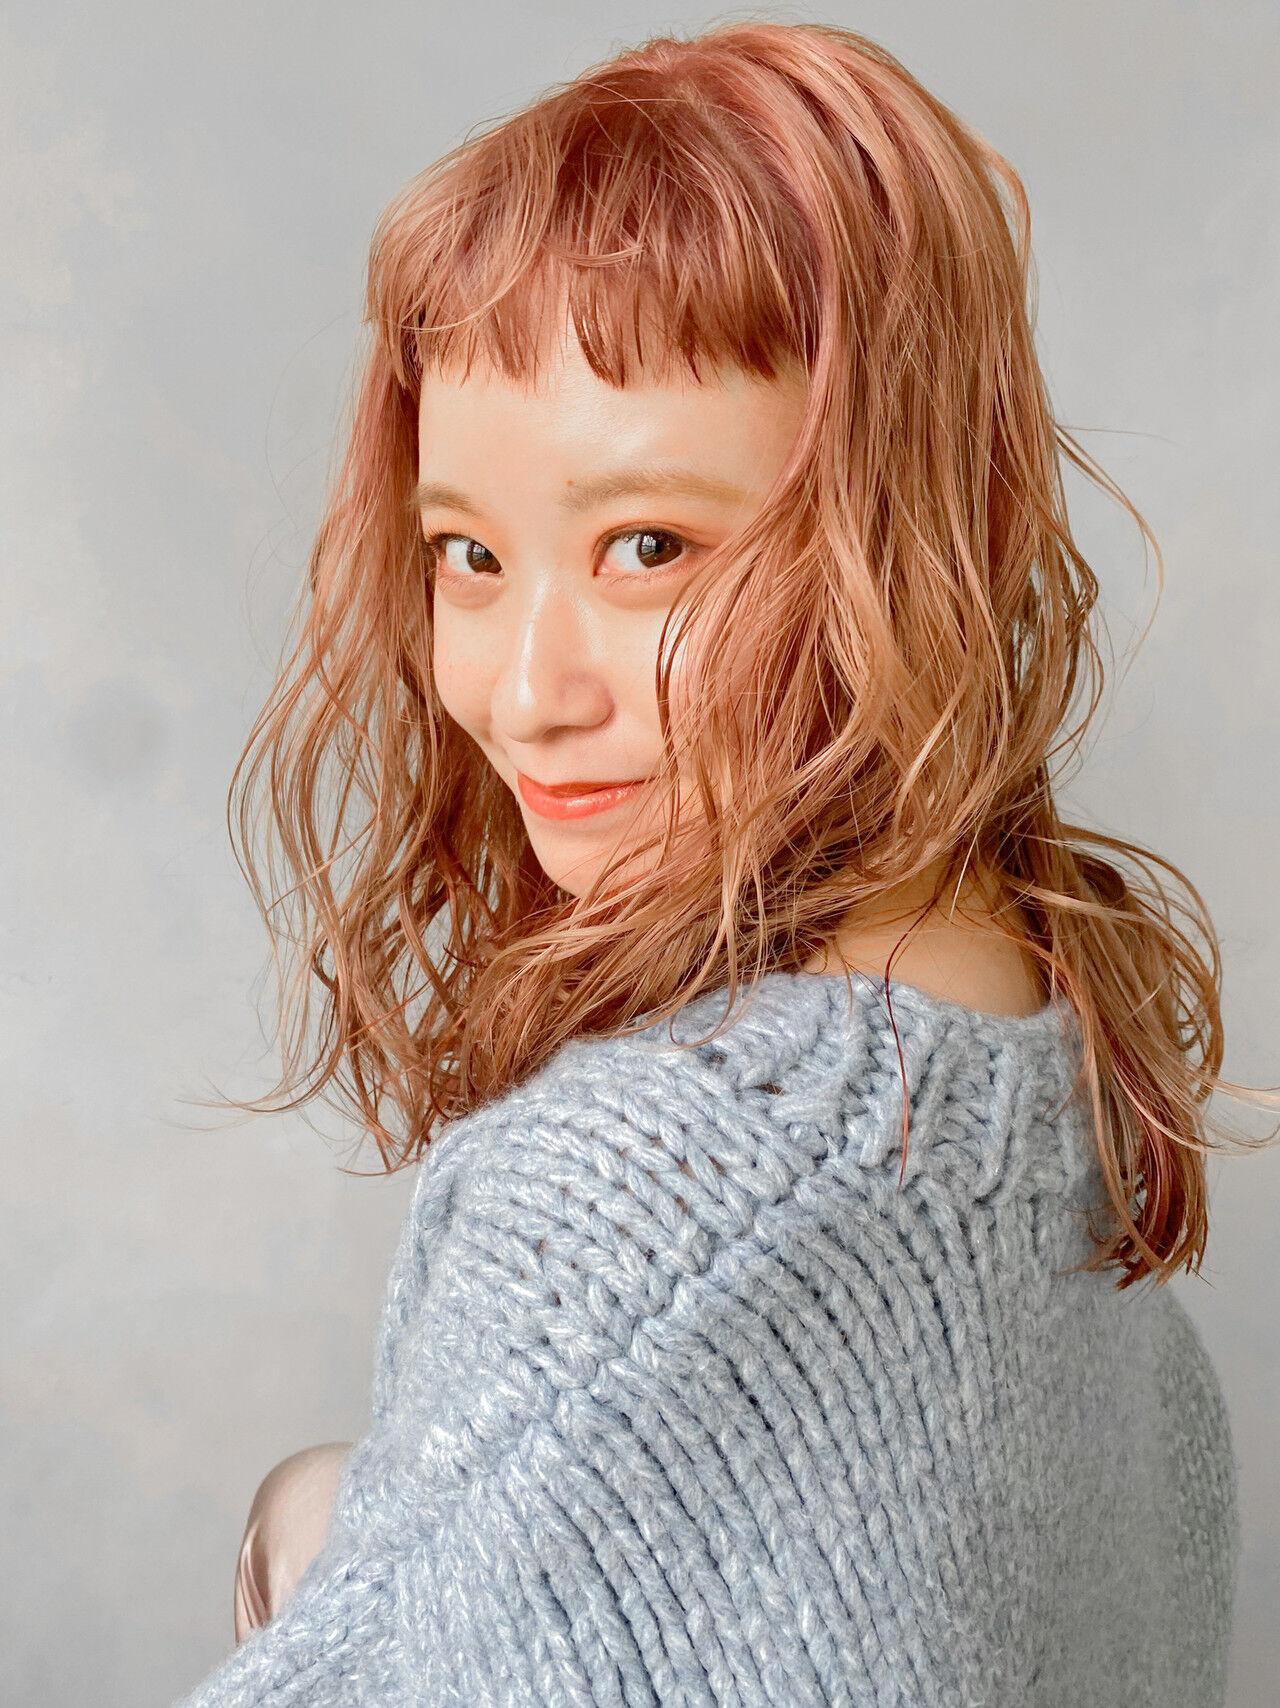 アウトドア ウルフカット ヘアアレンジ アンニュイほつれヘア ヘアスタイルや髪型の写真・画像